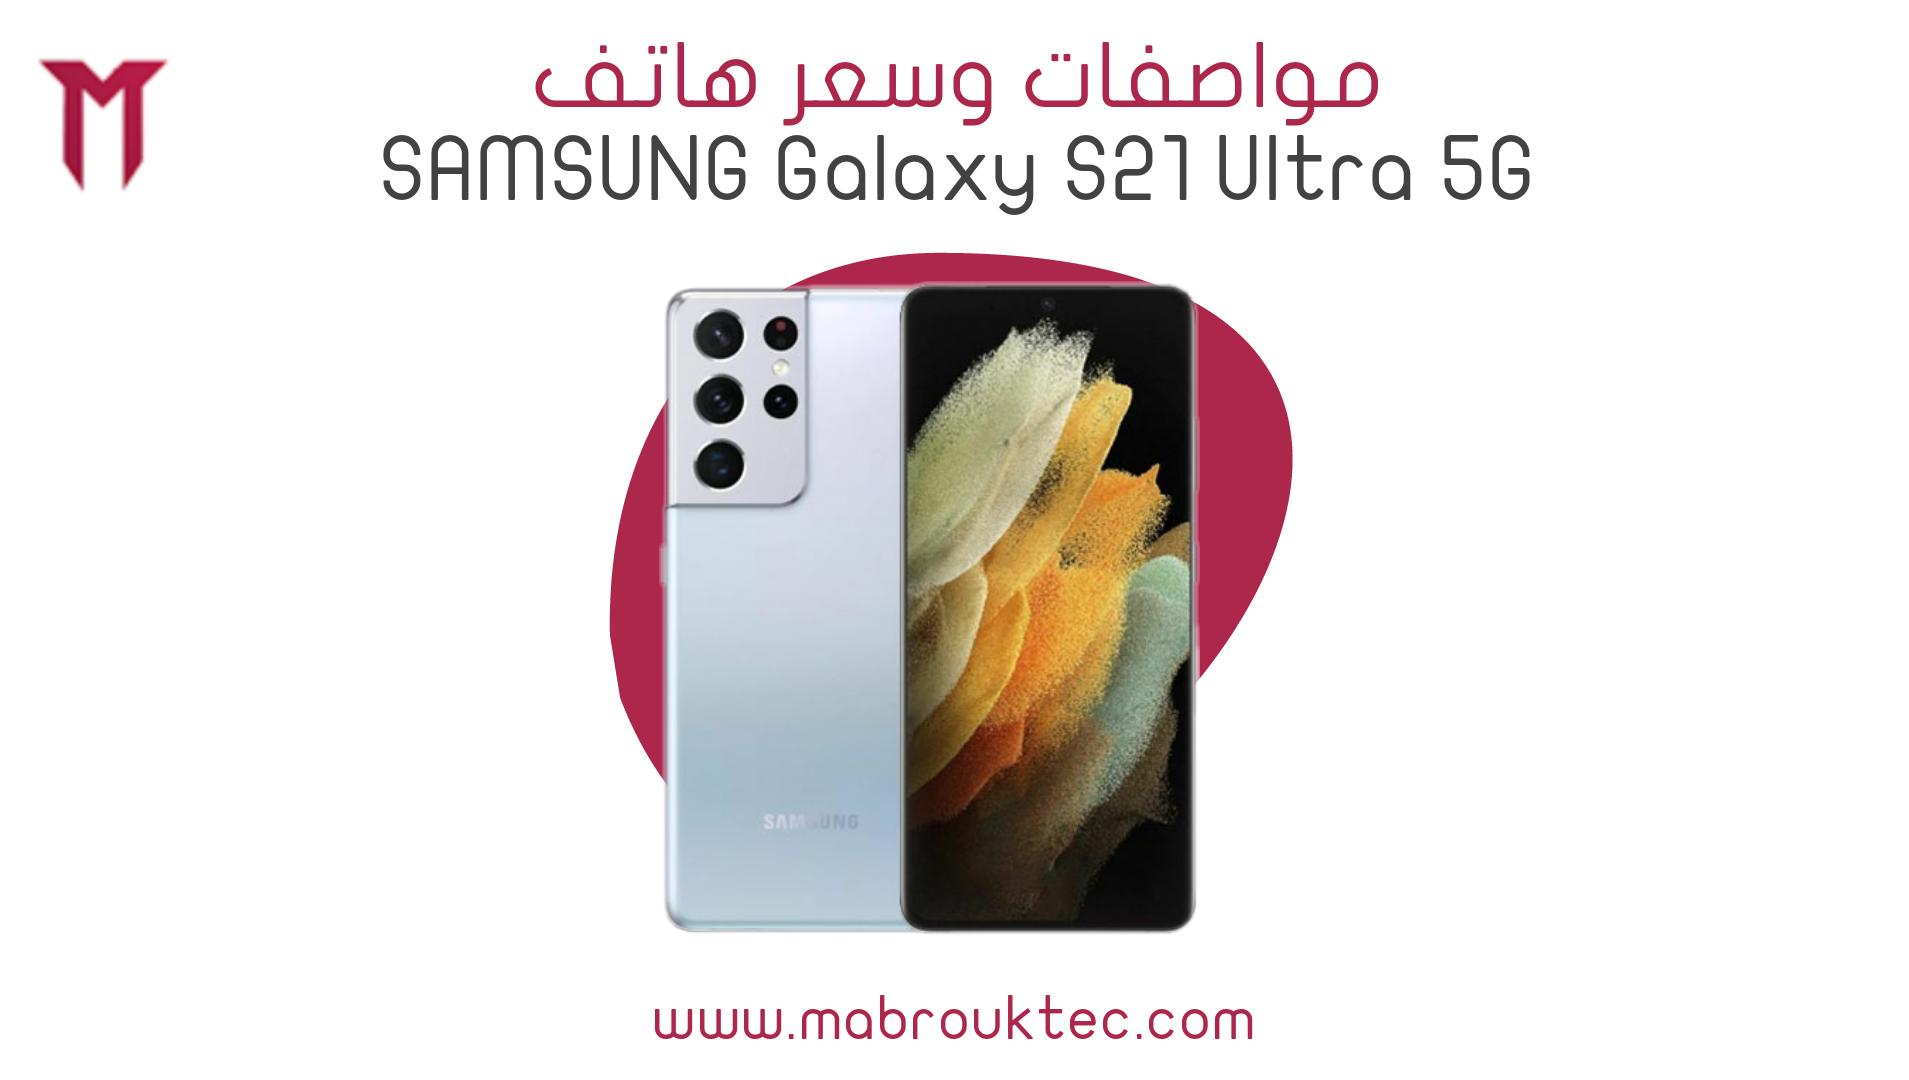 هاتف Samsung Galaxy S21 Ultra 5G الجديد